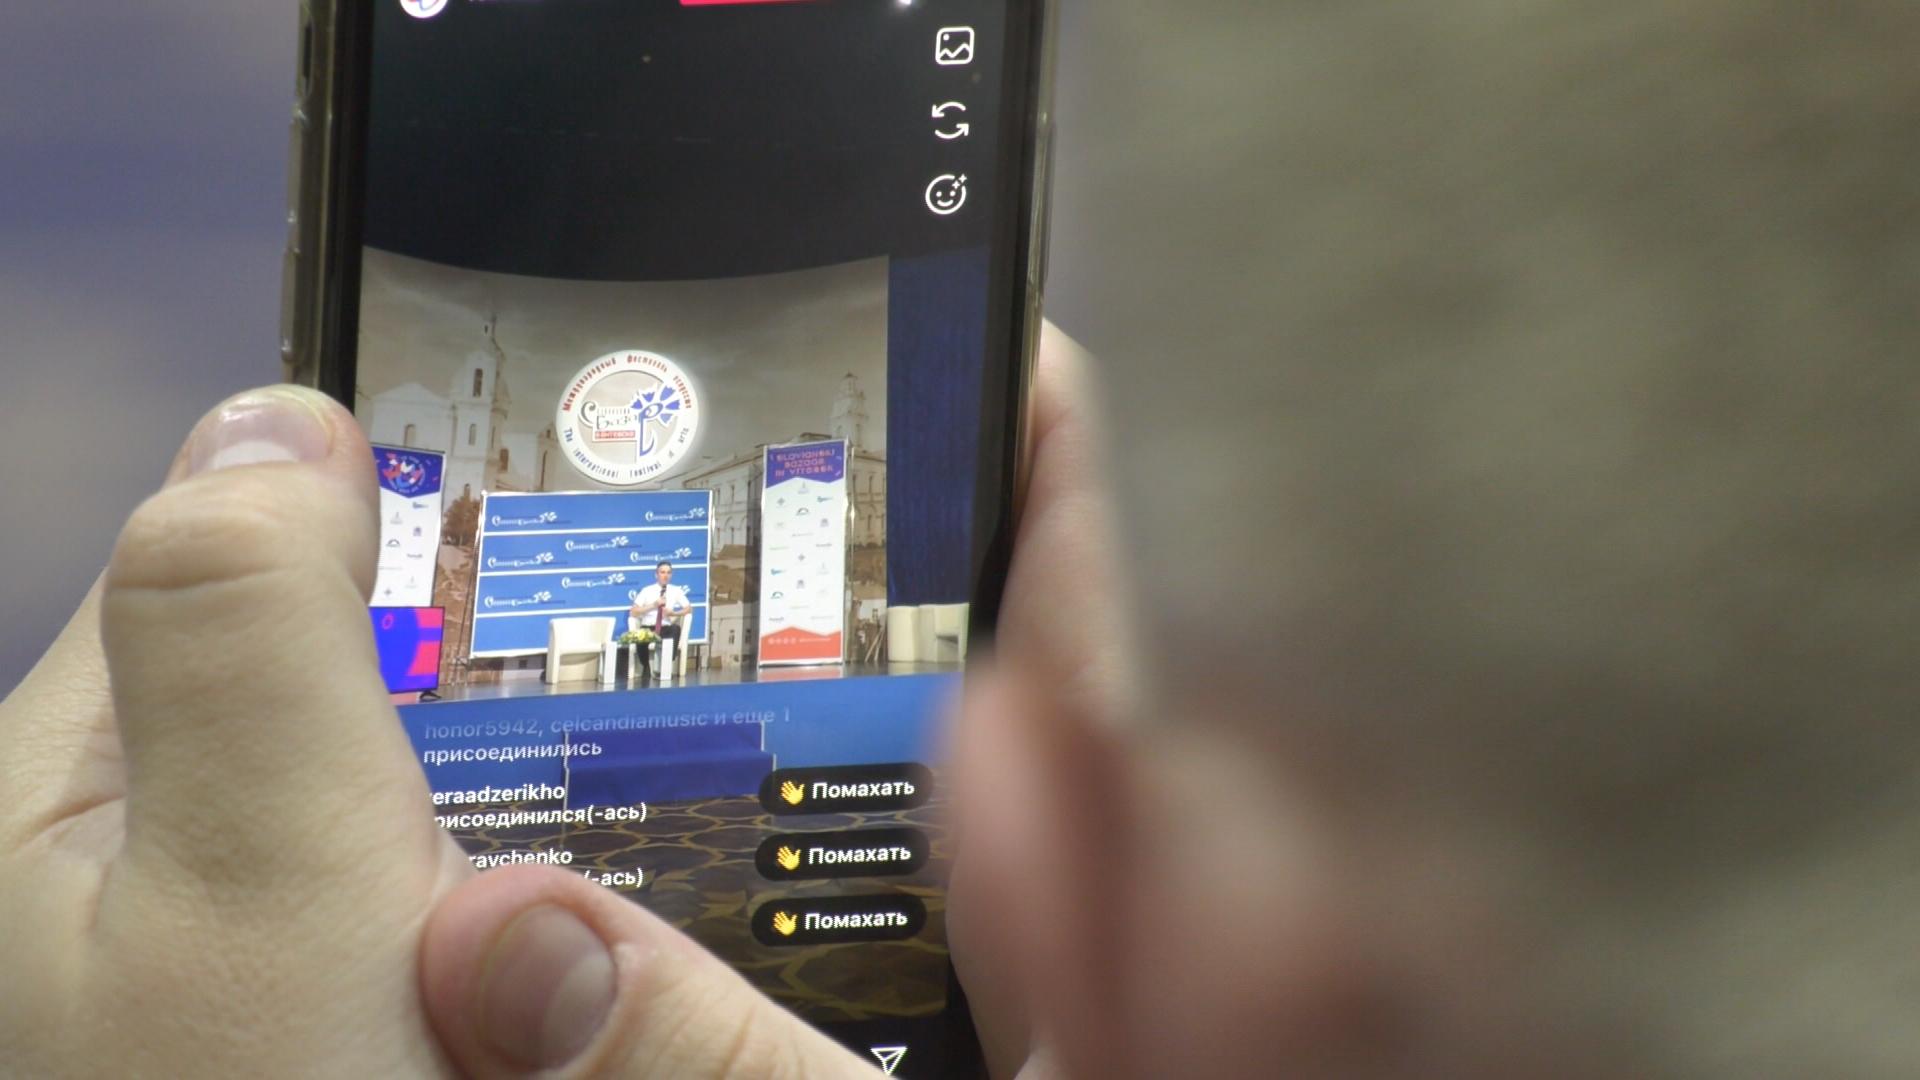 sb - Дирекция фестиваля «Славянский базар в Витебске» подвела итоги ХХХ форума (видео)